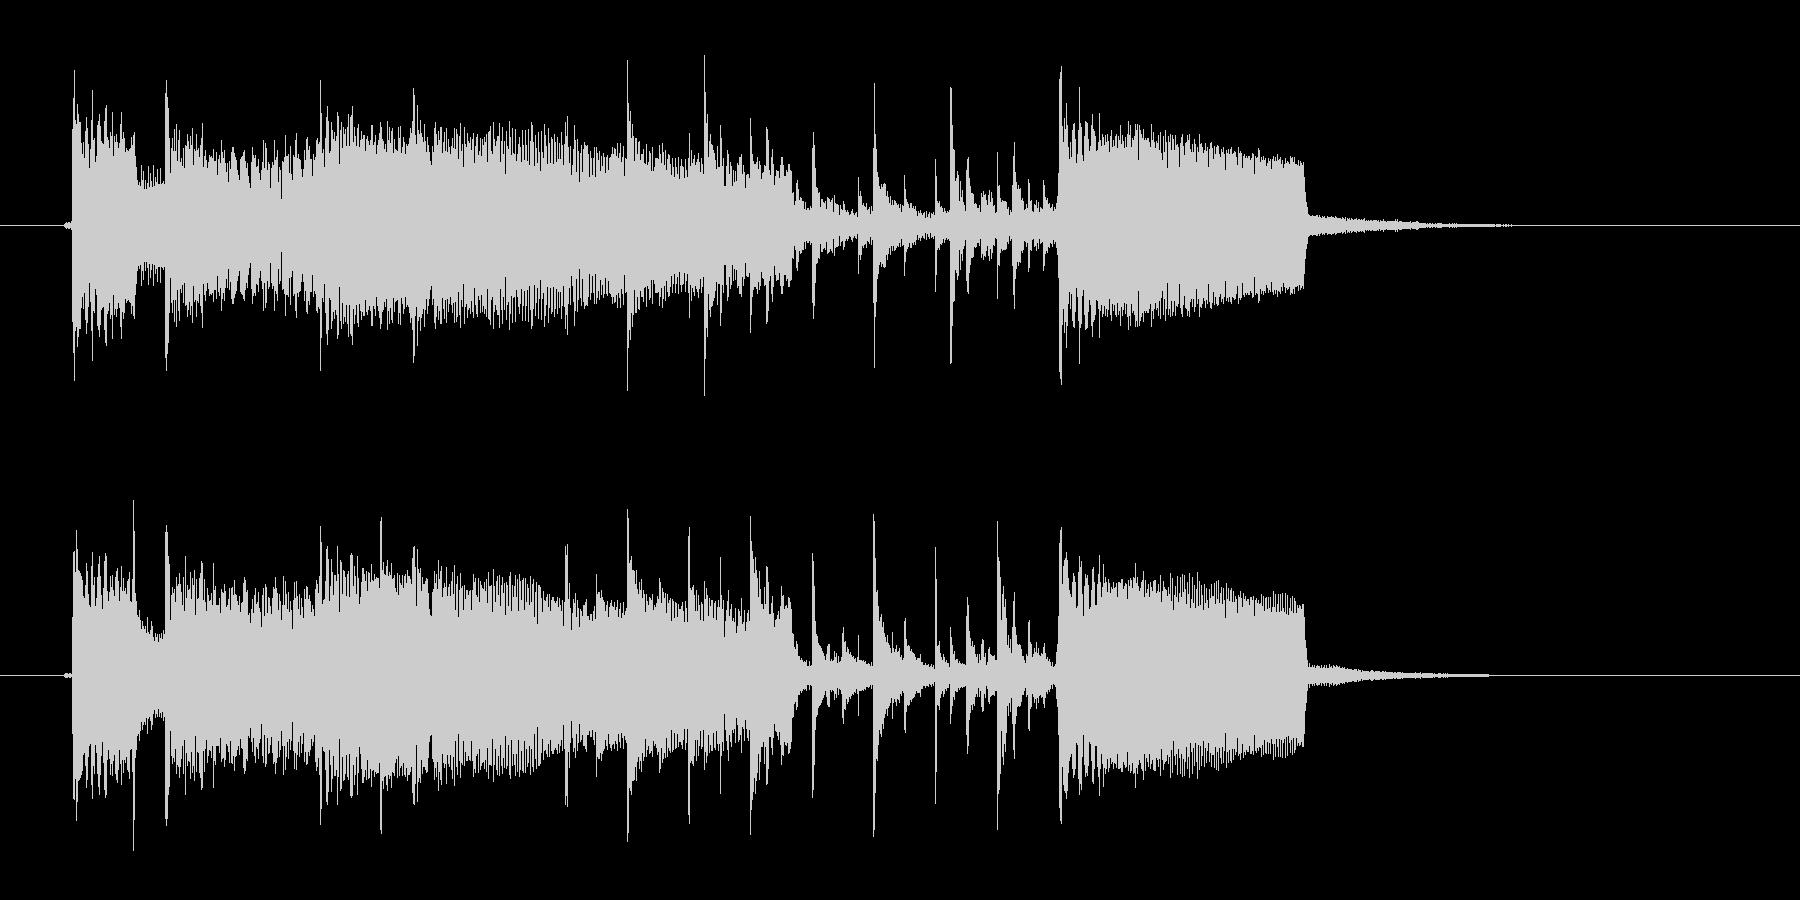 バンド演奏のジングル曲、サウンドロゴの未再生の波形